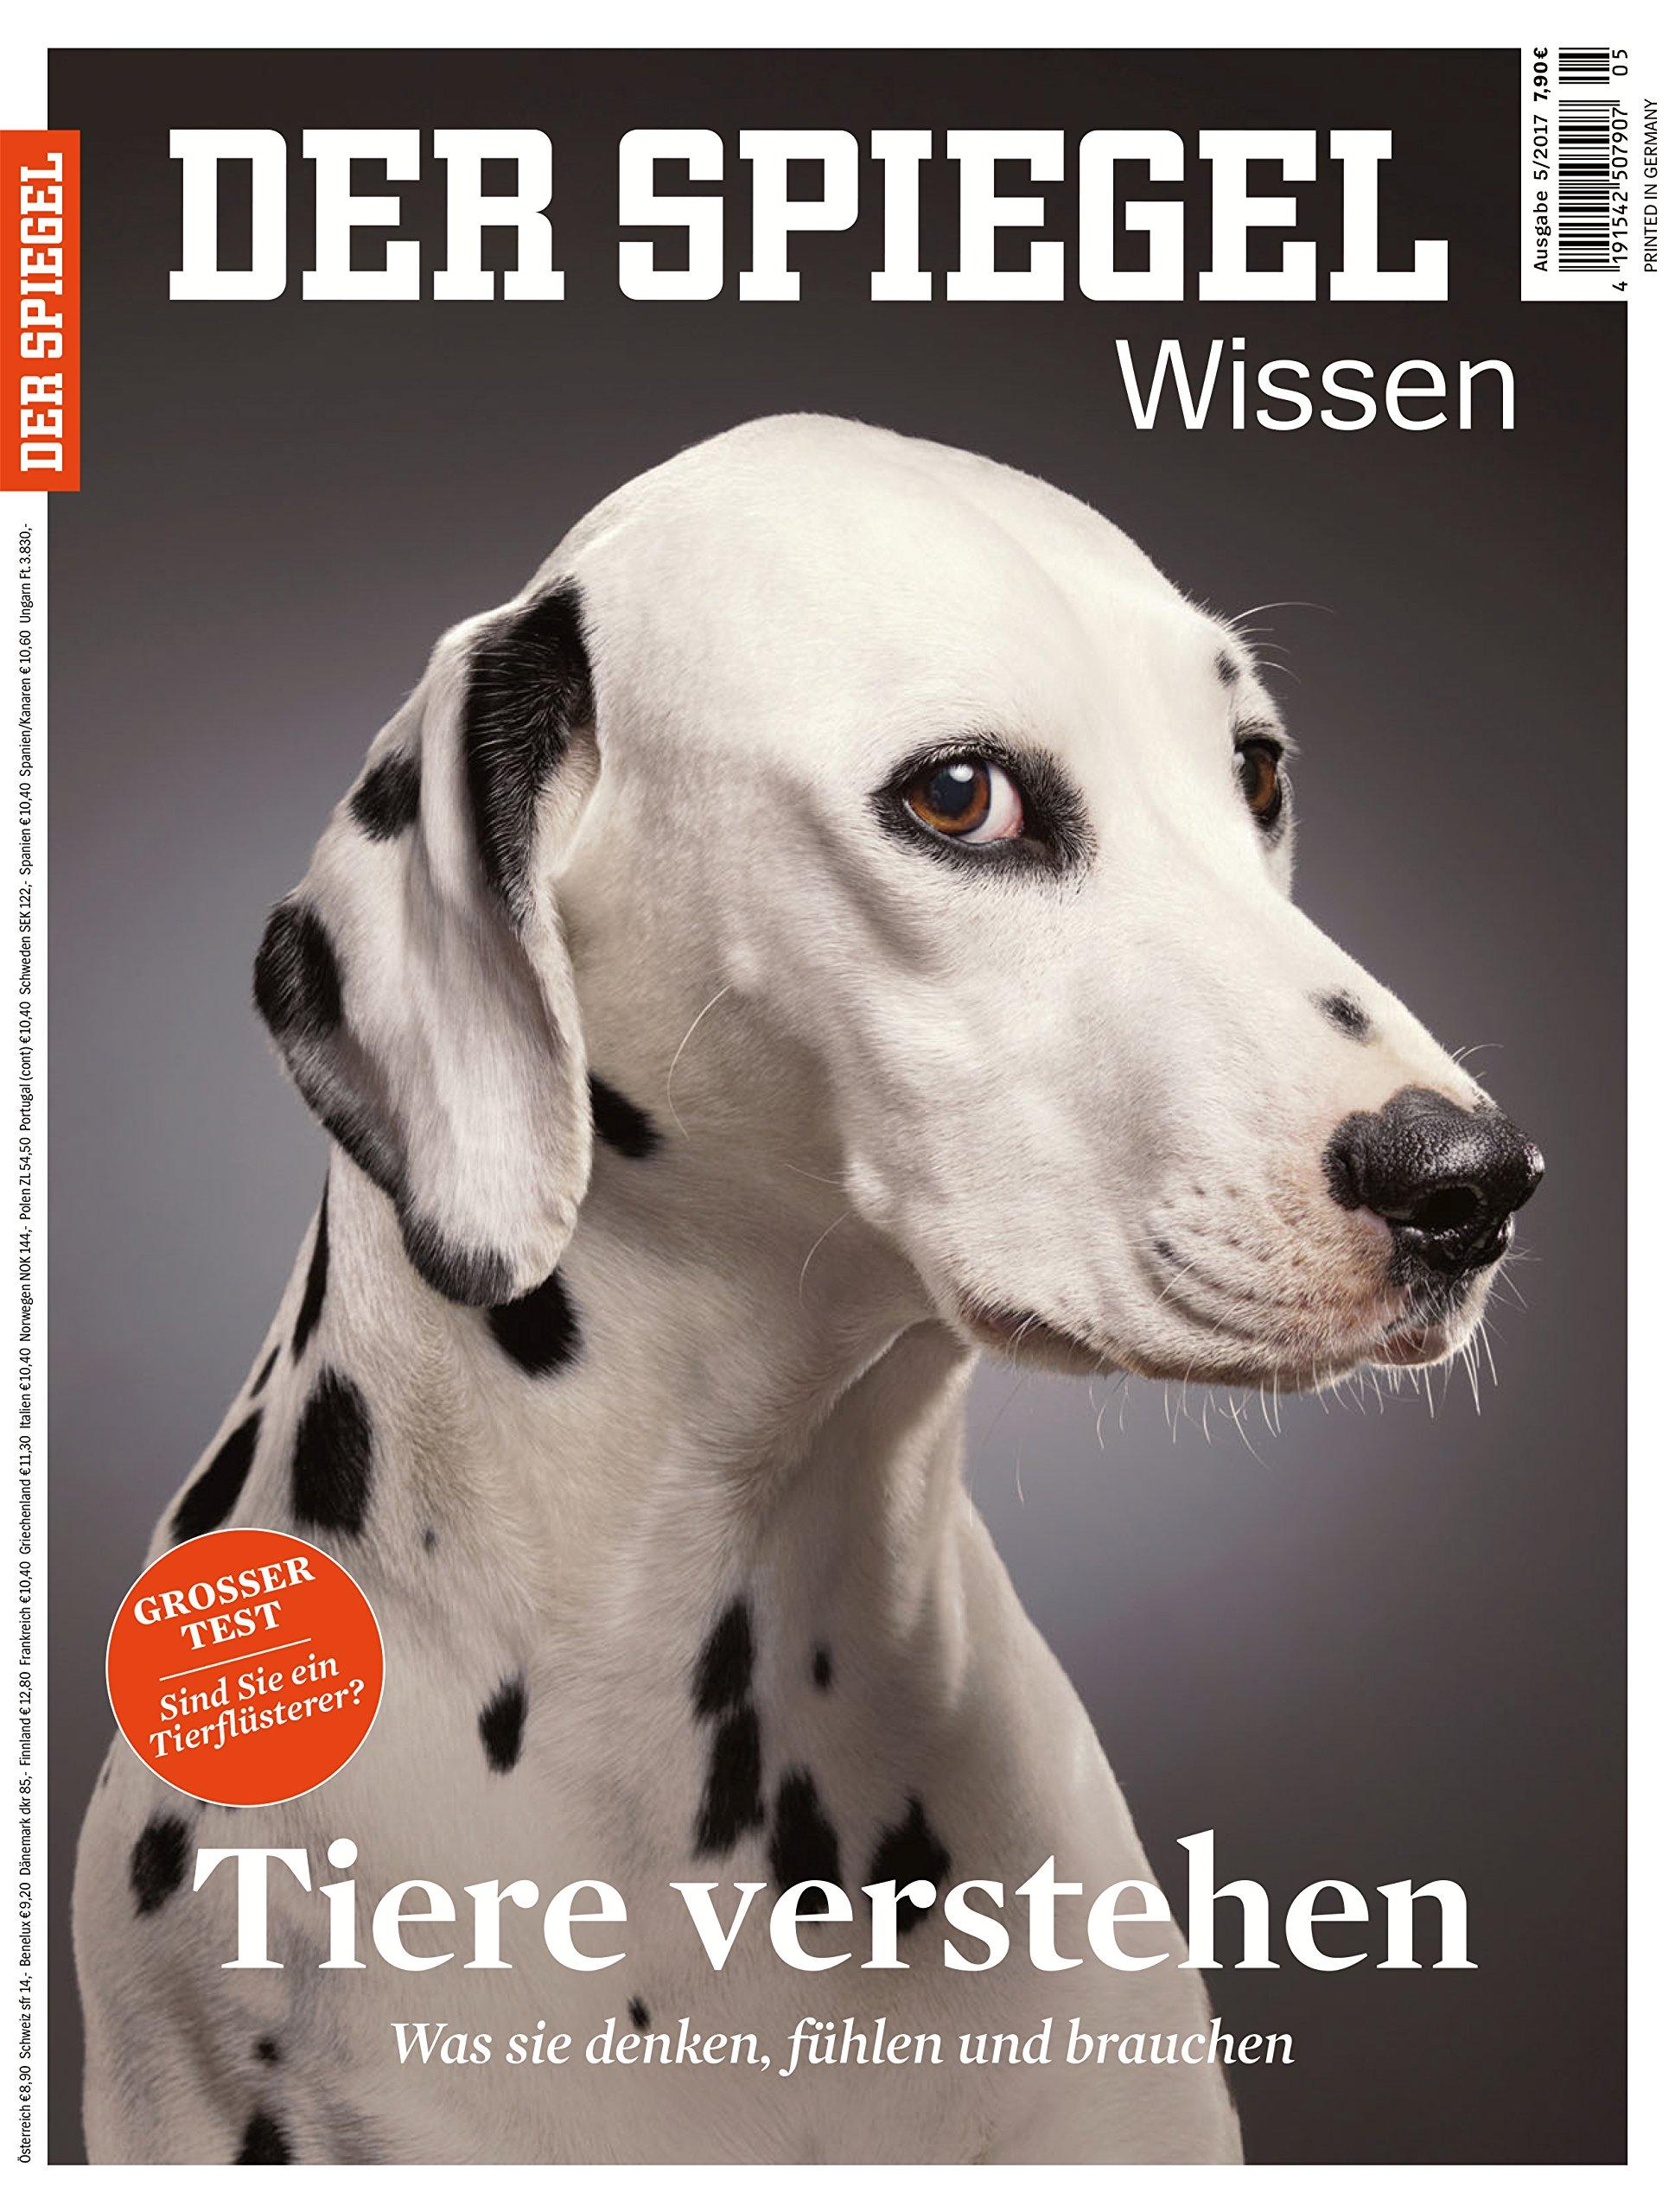 Goede SPIEGEL WISSEN 5/2017: Tiere verstehen Cover Bild kann abweichen ZL-74